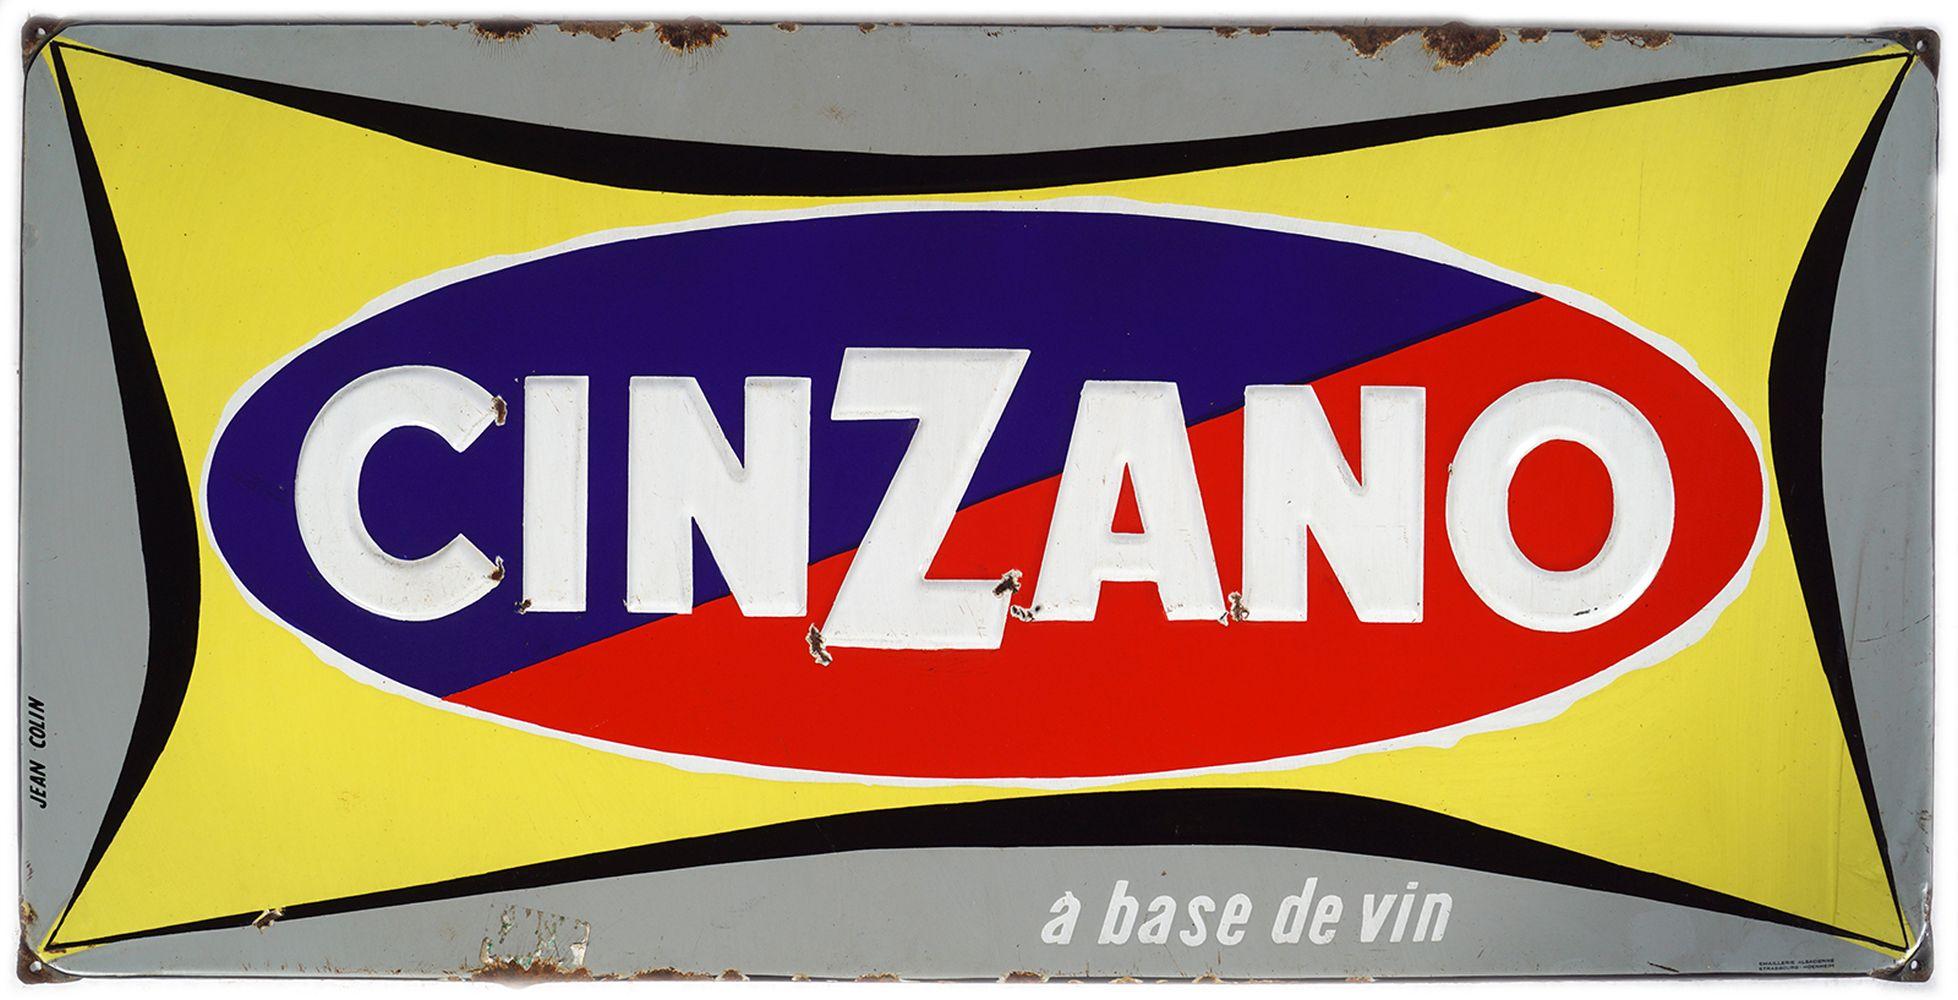 CINZANO ORIGINAL ENAMELLED SIGN